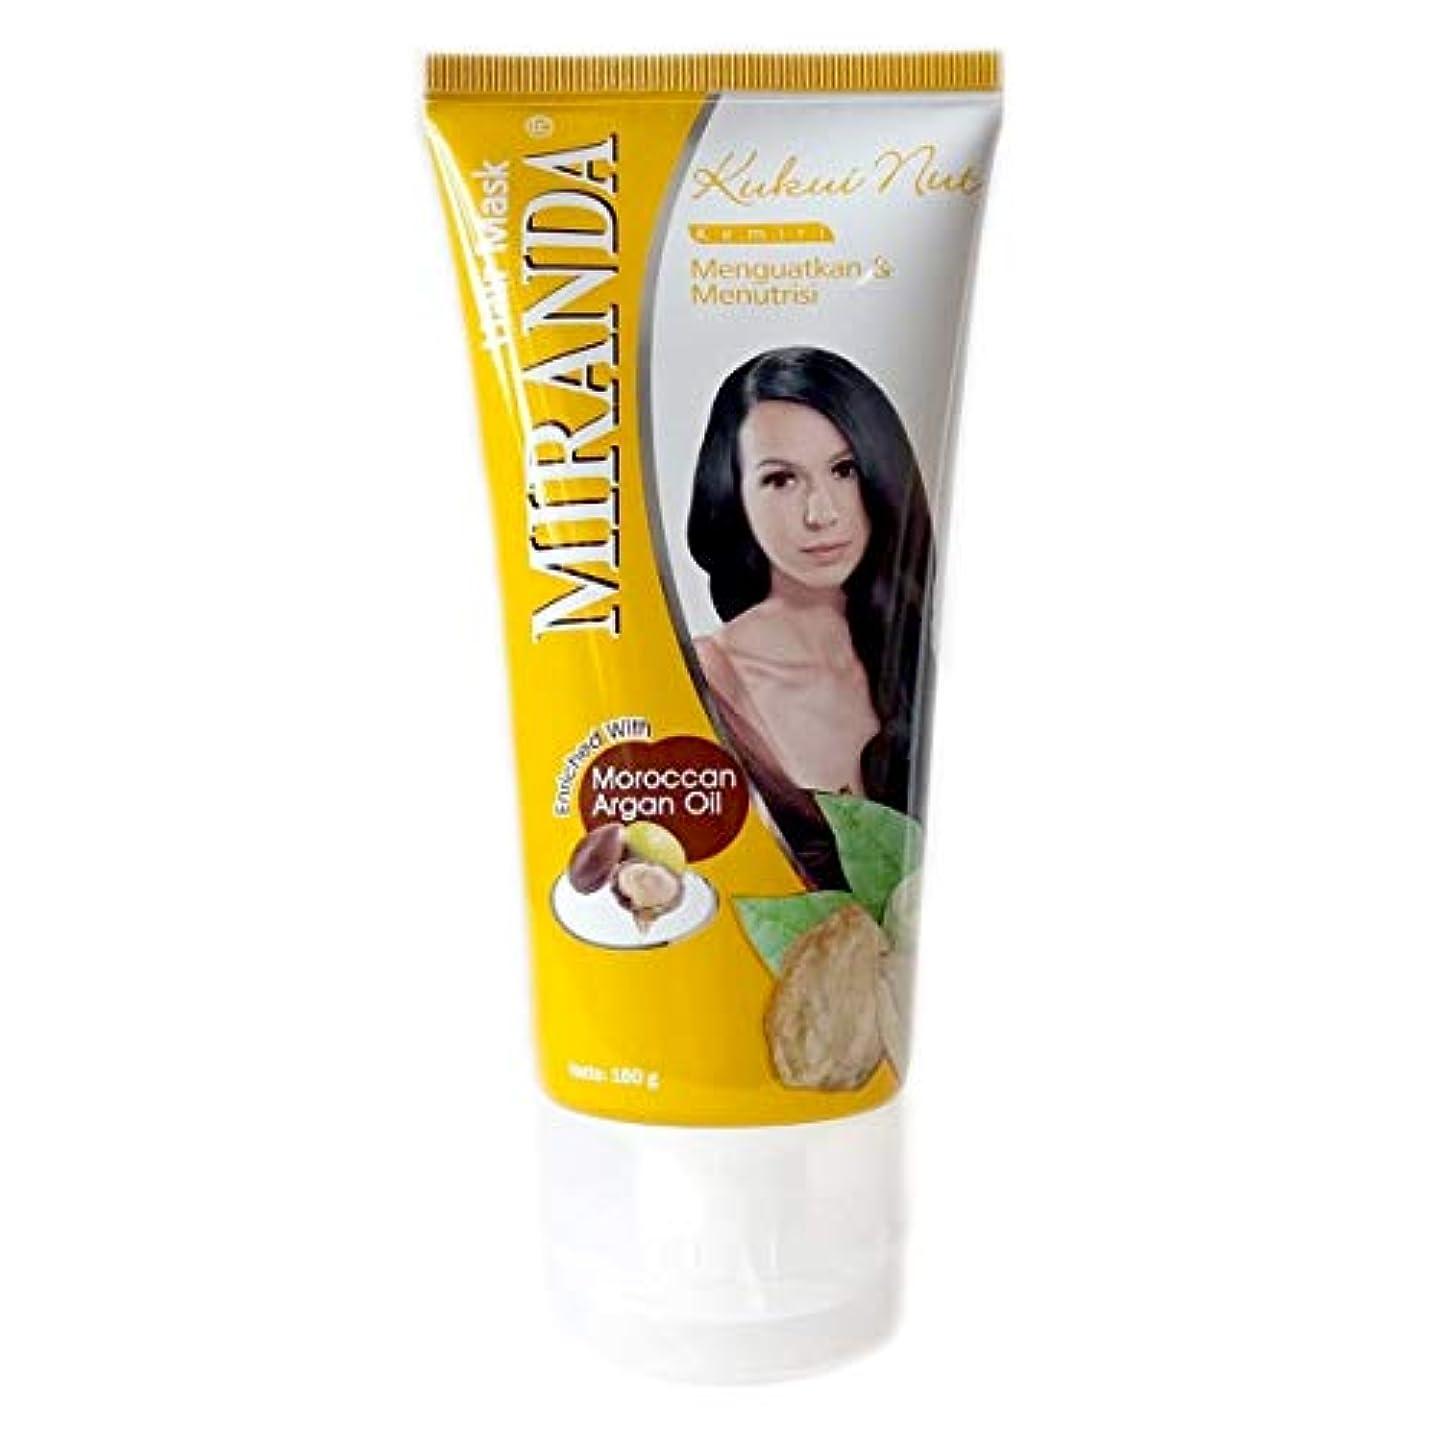 知的人差し指シングルMIRANDA ミランダ Hair Mask ヘアマスク モロッカンアルガンオイル主成分のヘアトリートメント 160g Kukui nut クミリ [海外直送品]